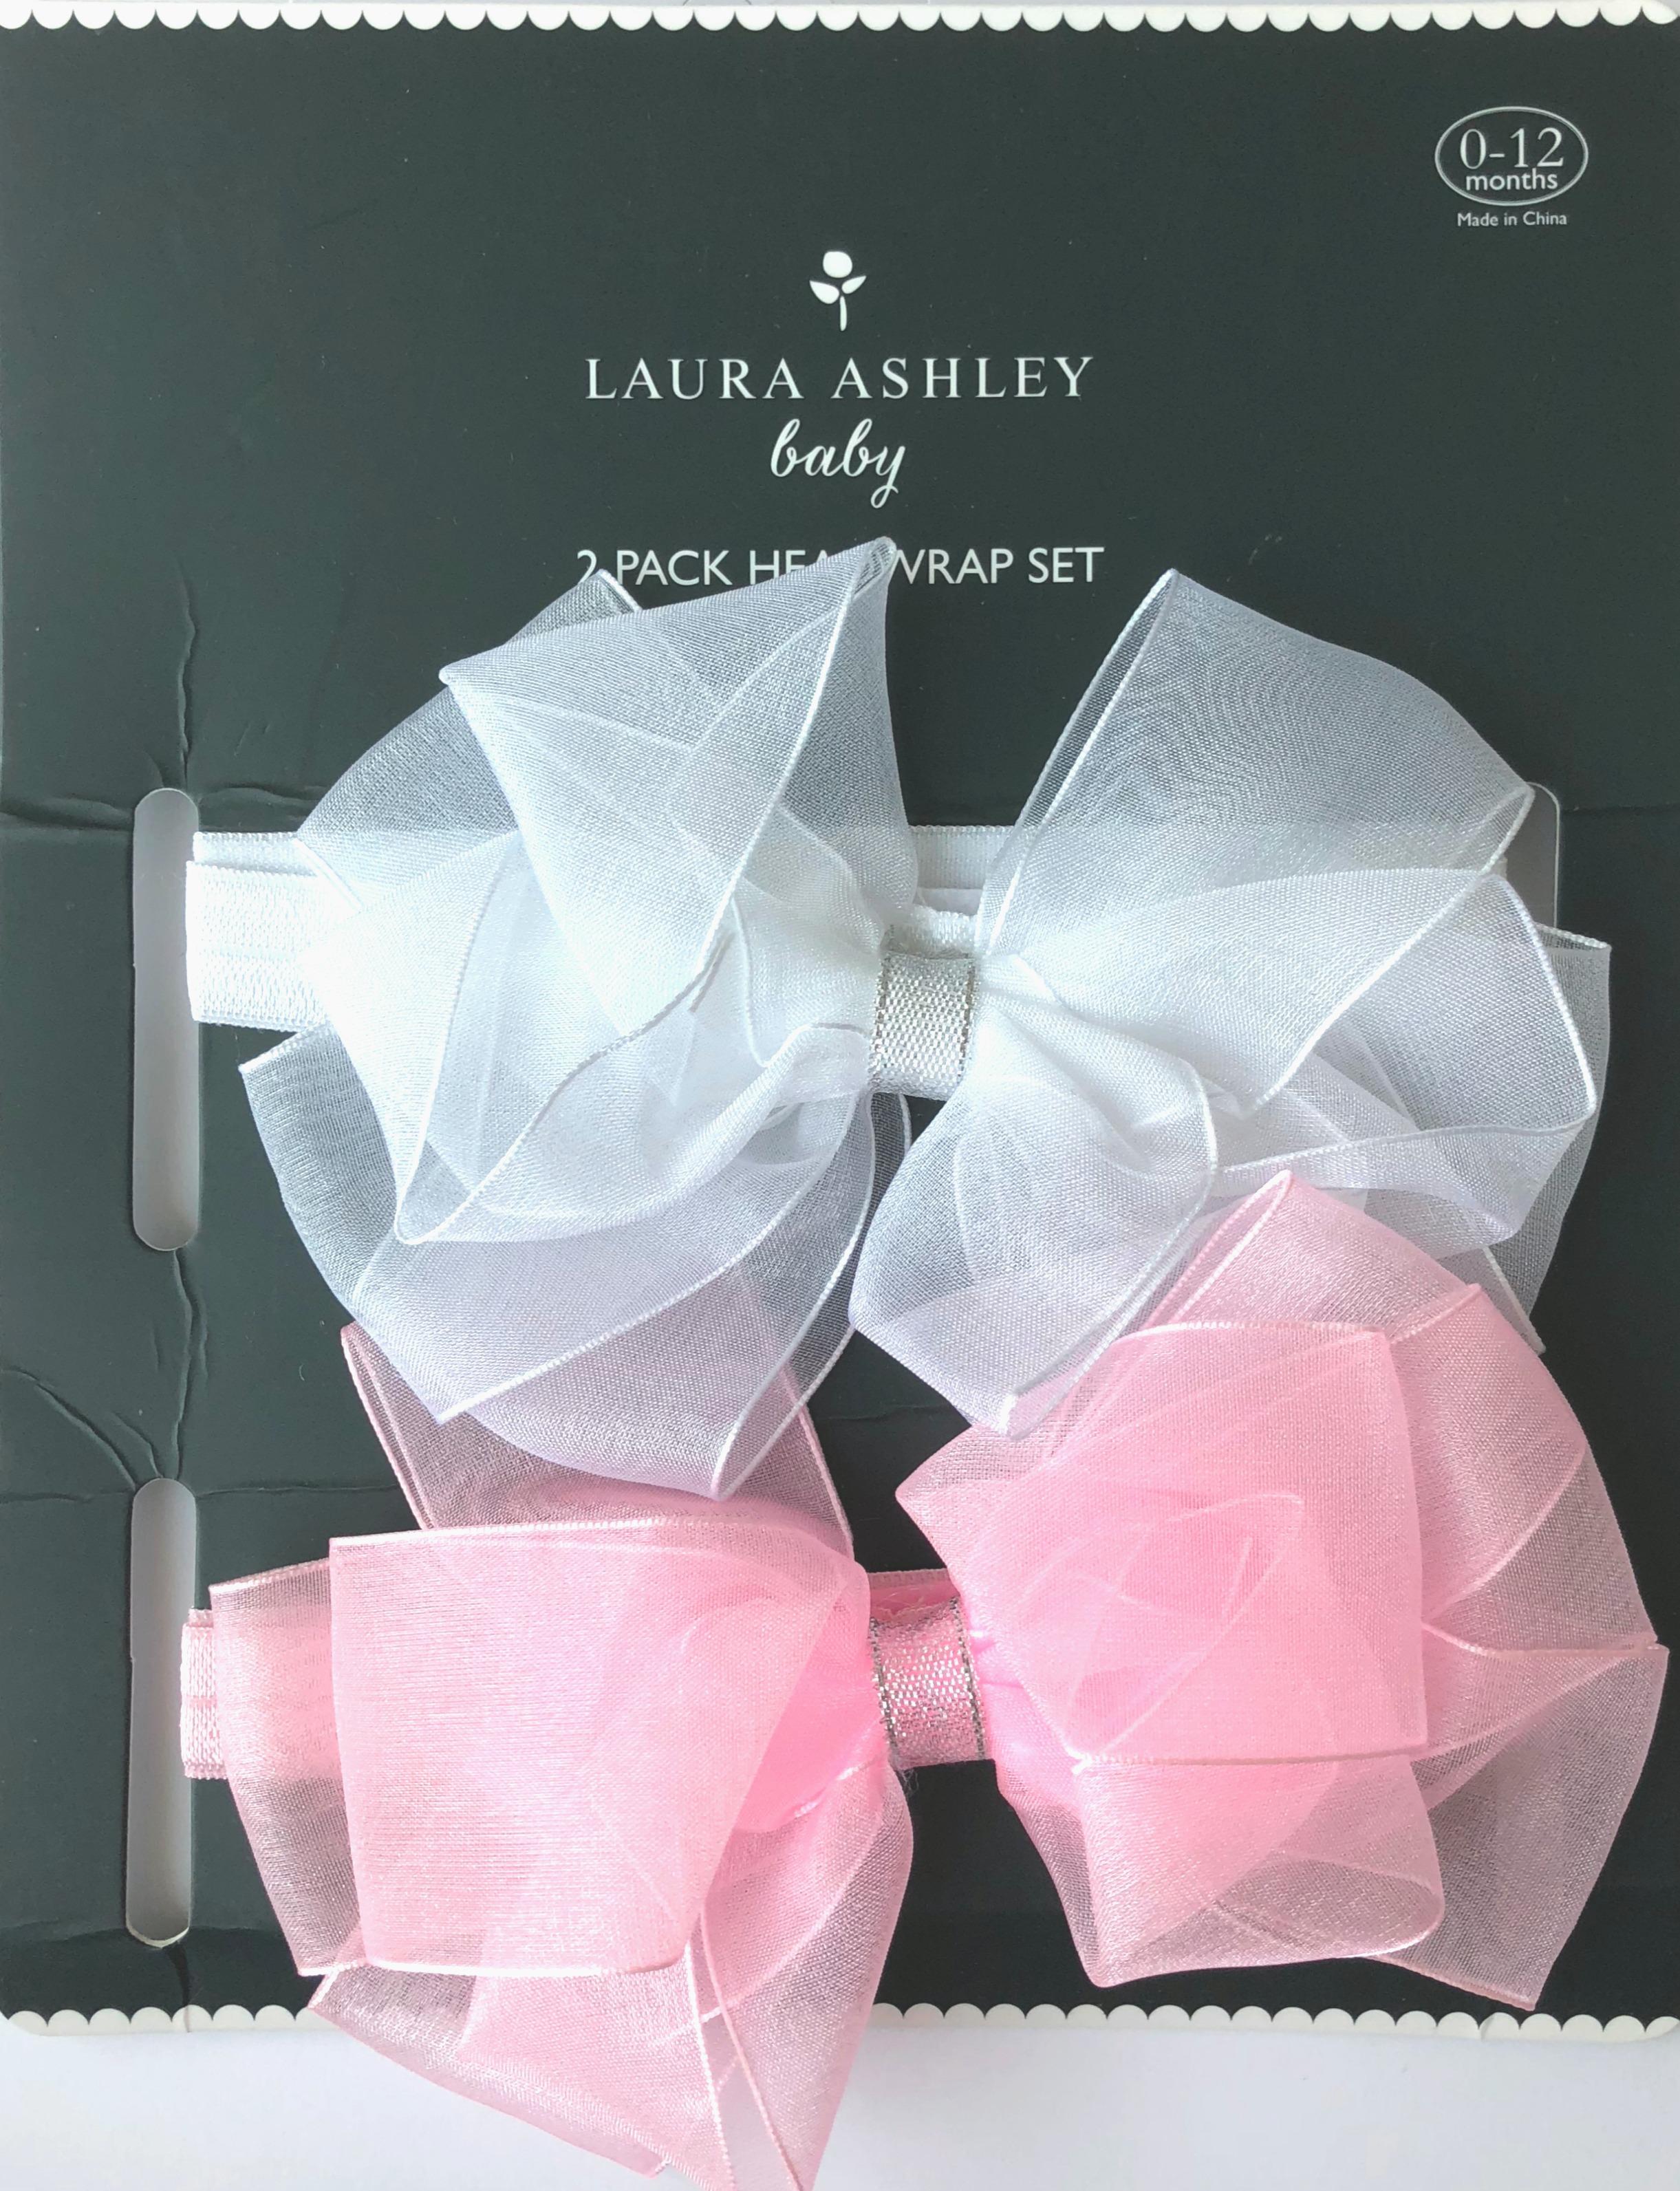 Laura Ashley headbandsset